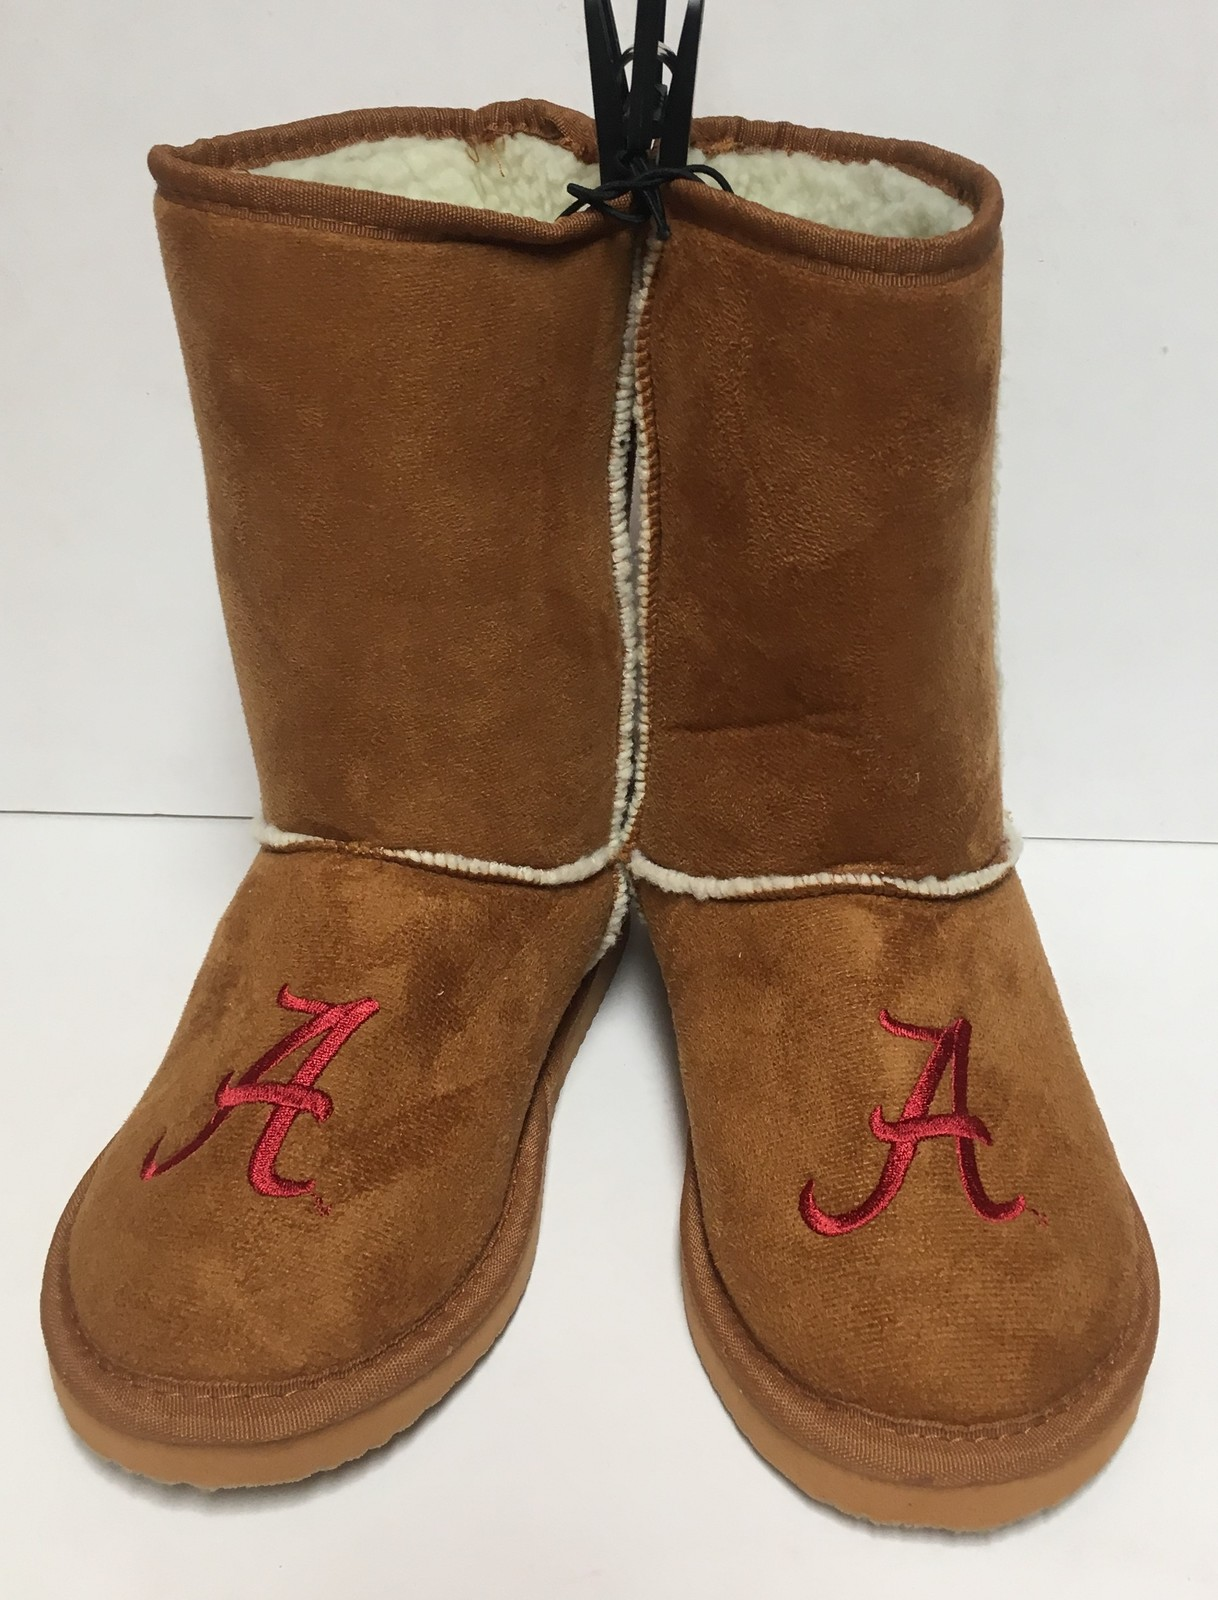 Alabama University Game Time Boots Women's Many Sizes image 2